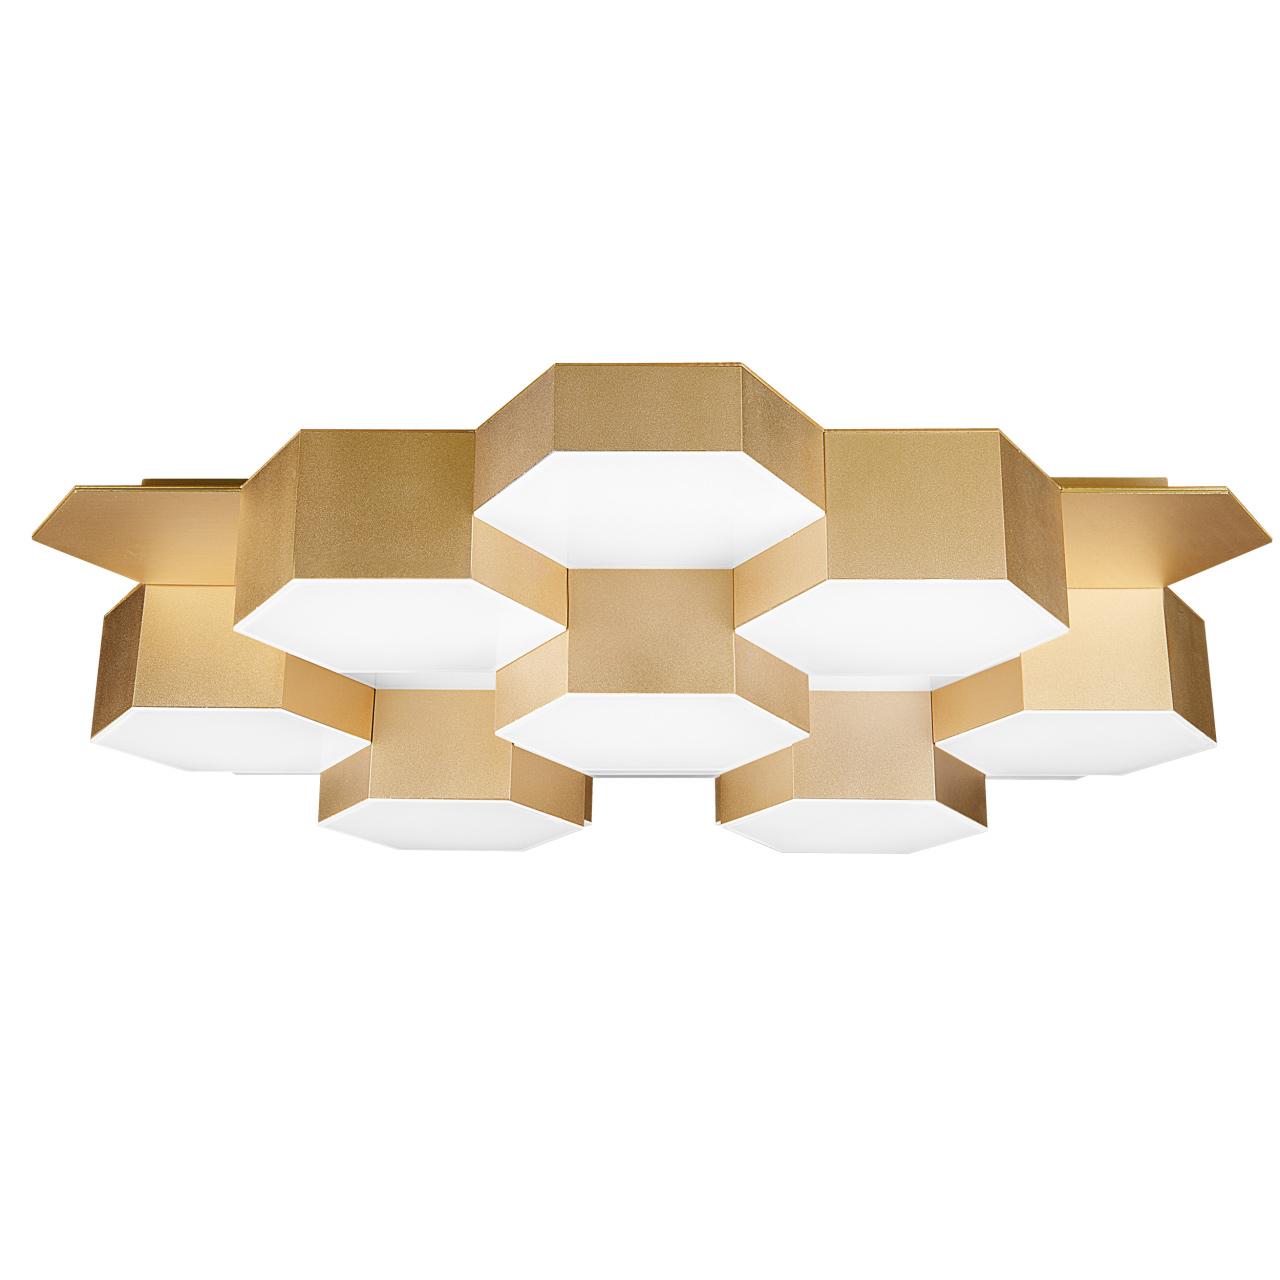 Светильник потолочный Favo LED-80W 3840LM satin gold 4000K Lightstar 750163